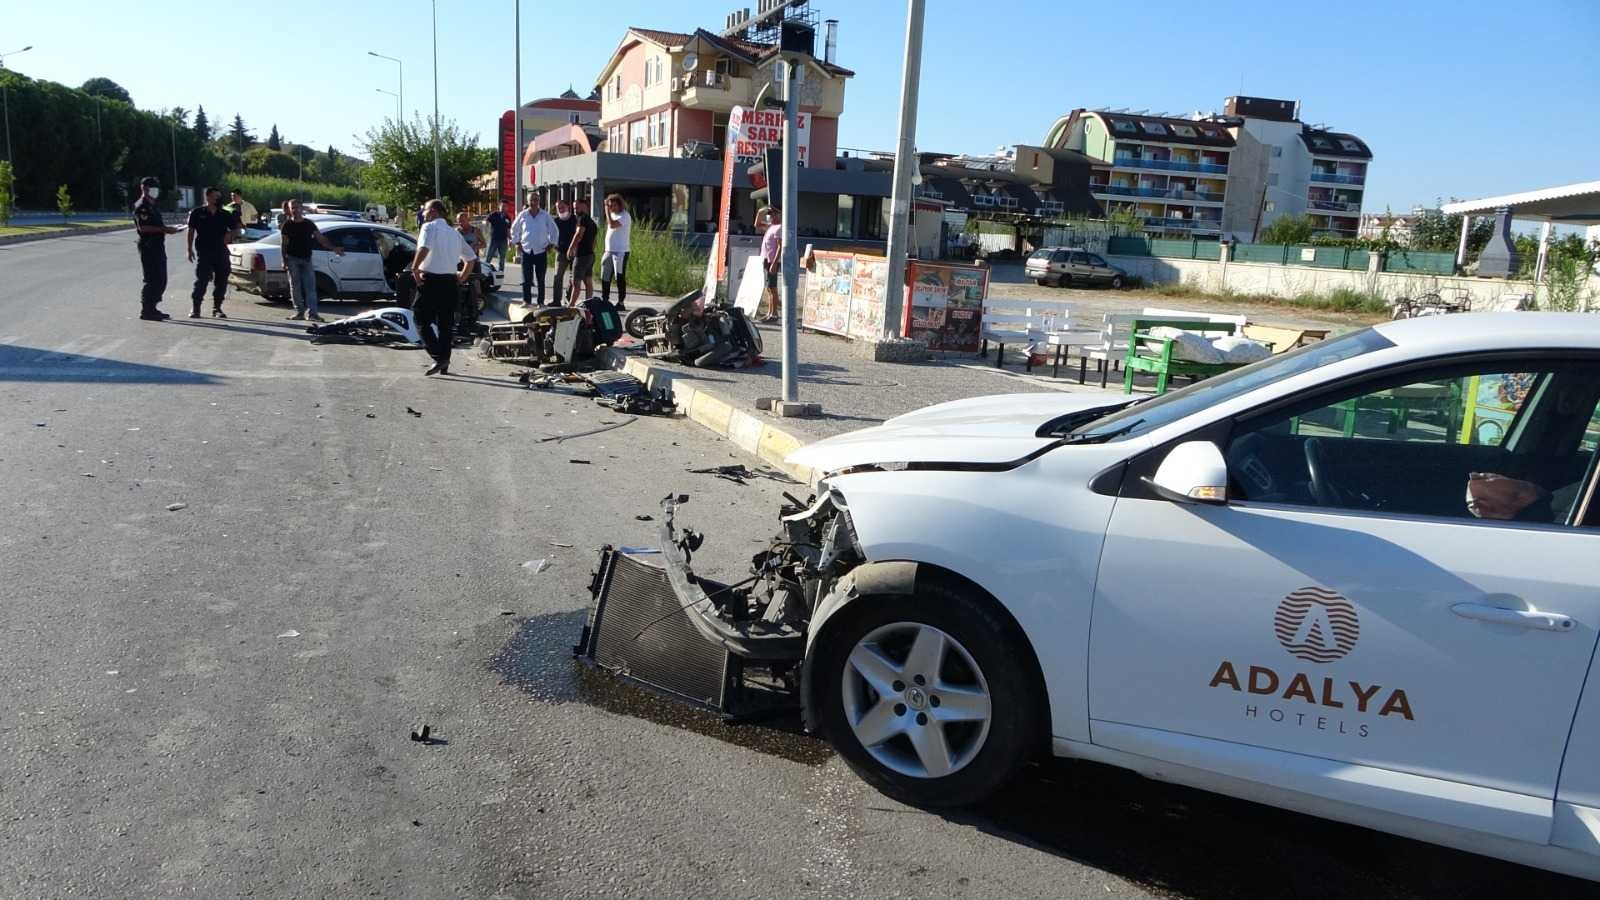 İki otomobilin çarpışması sonucu meydana gelen trafik kazasında 2 kişi yaralandı